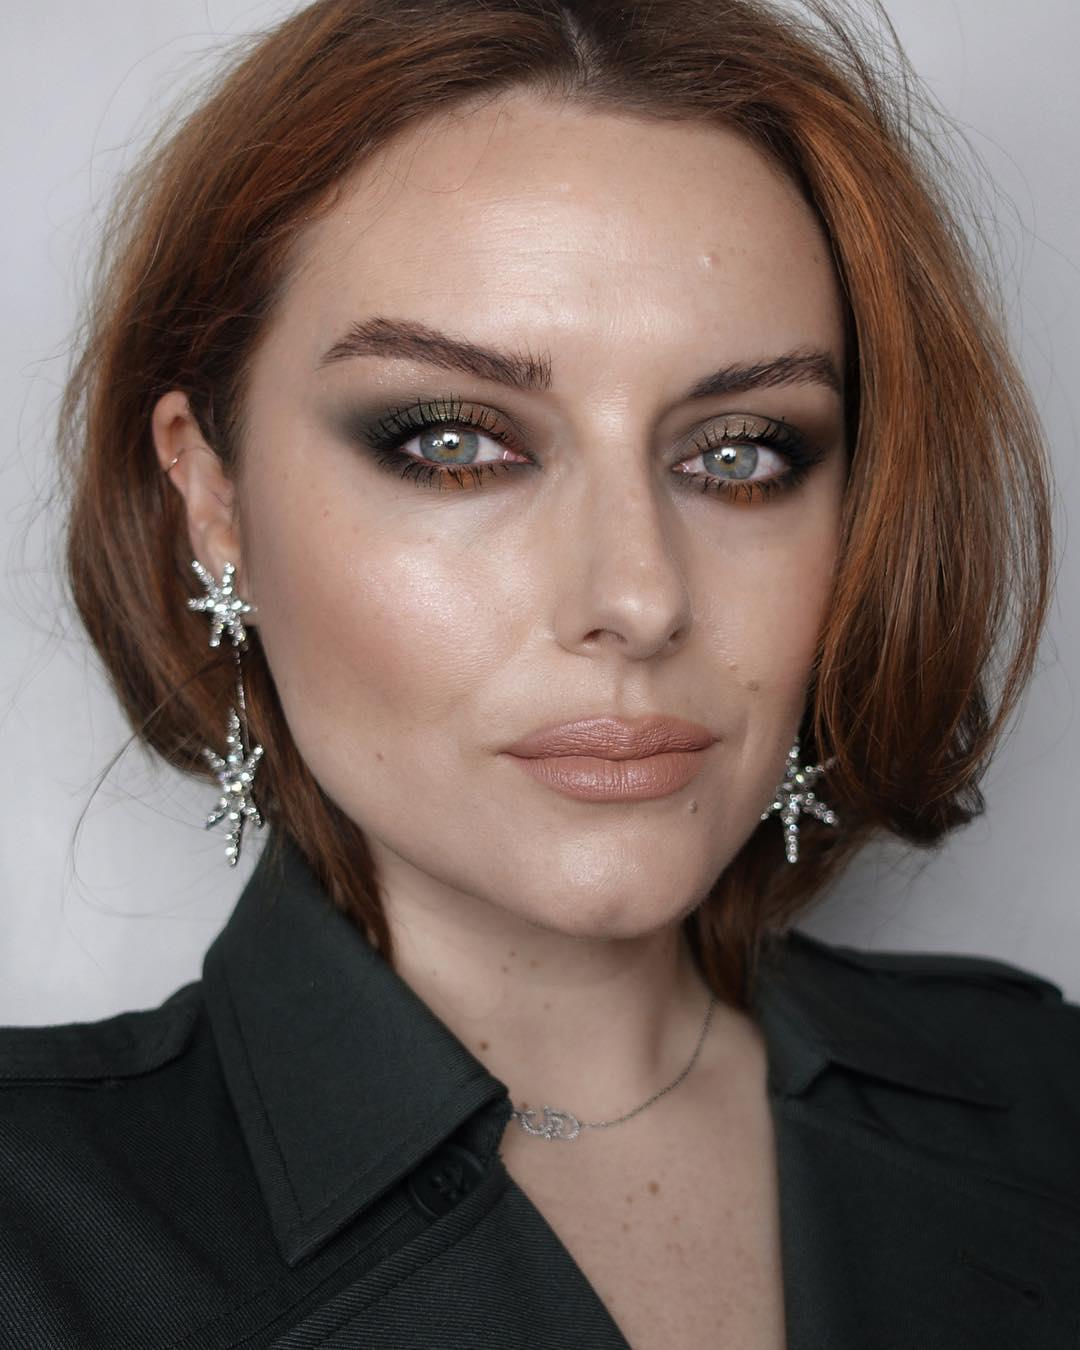 макияж глаз для рыжих фото 1